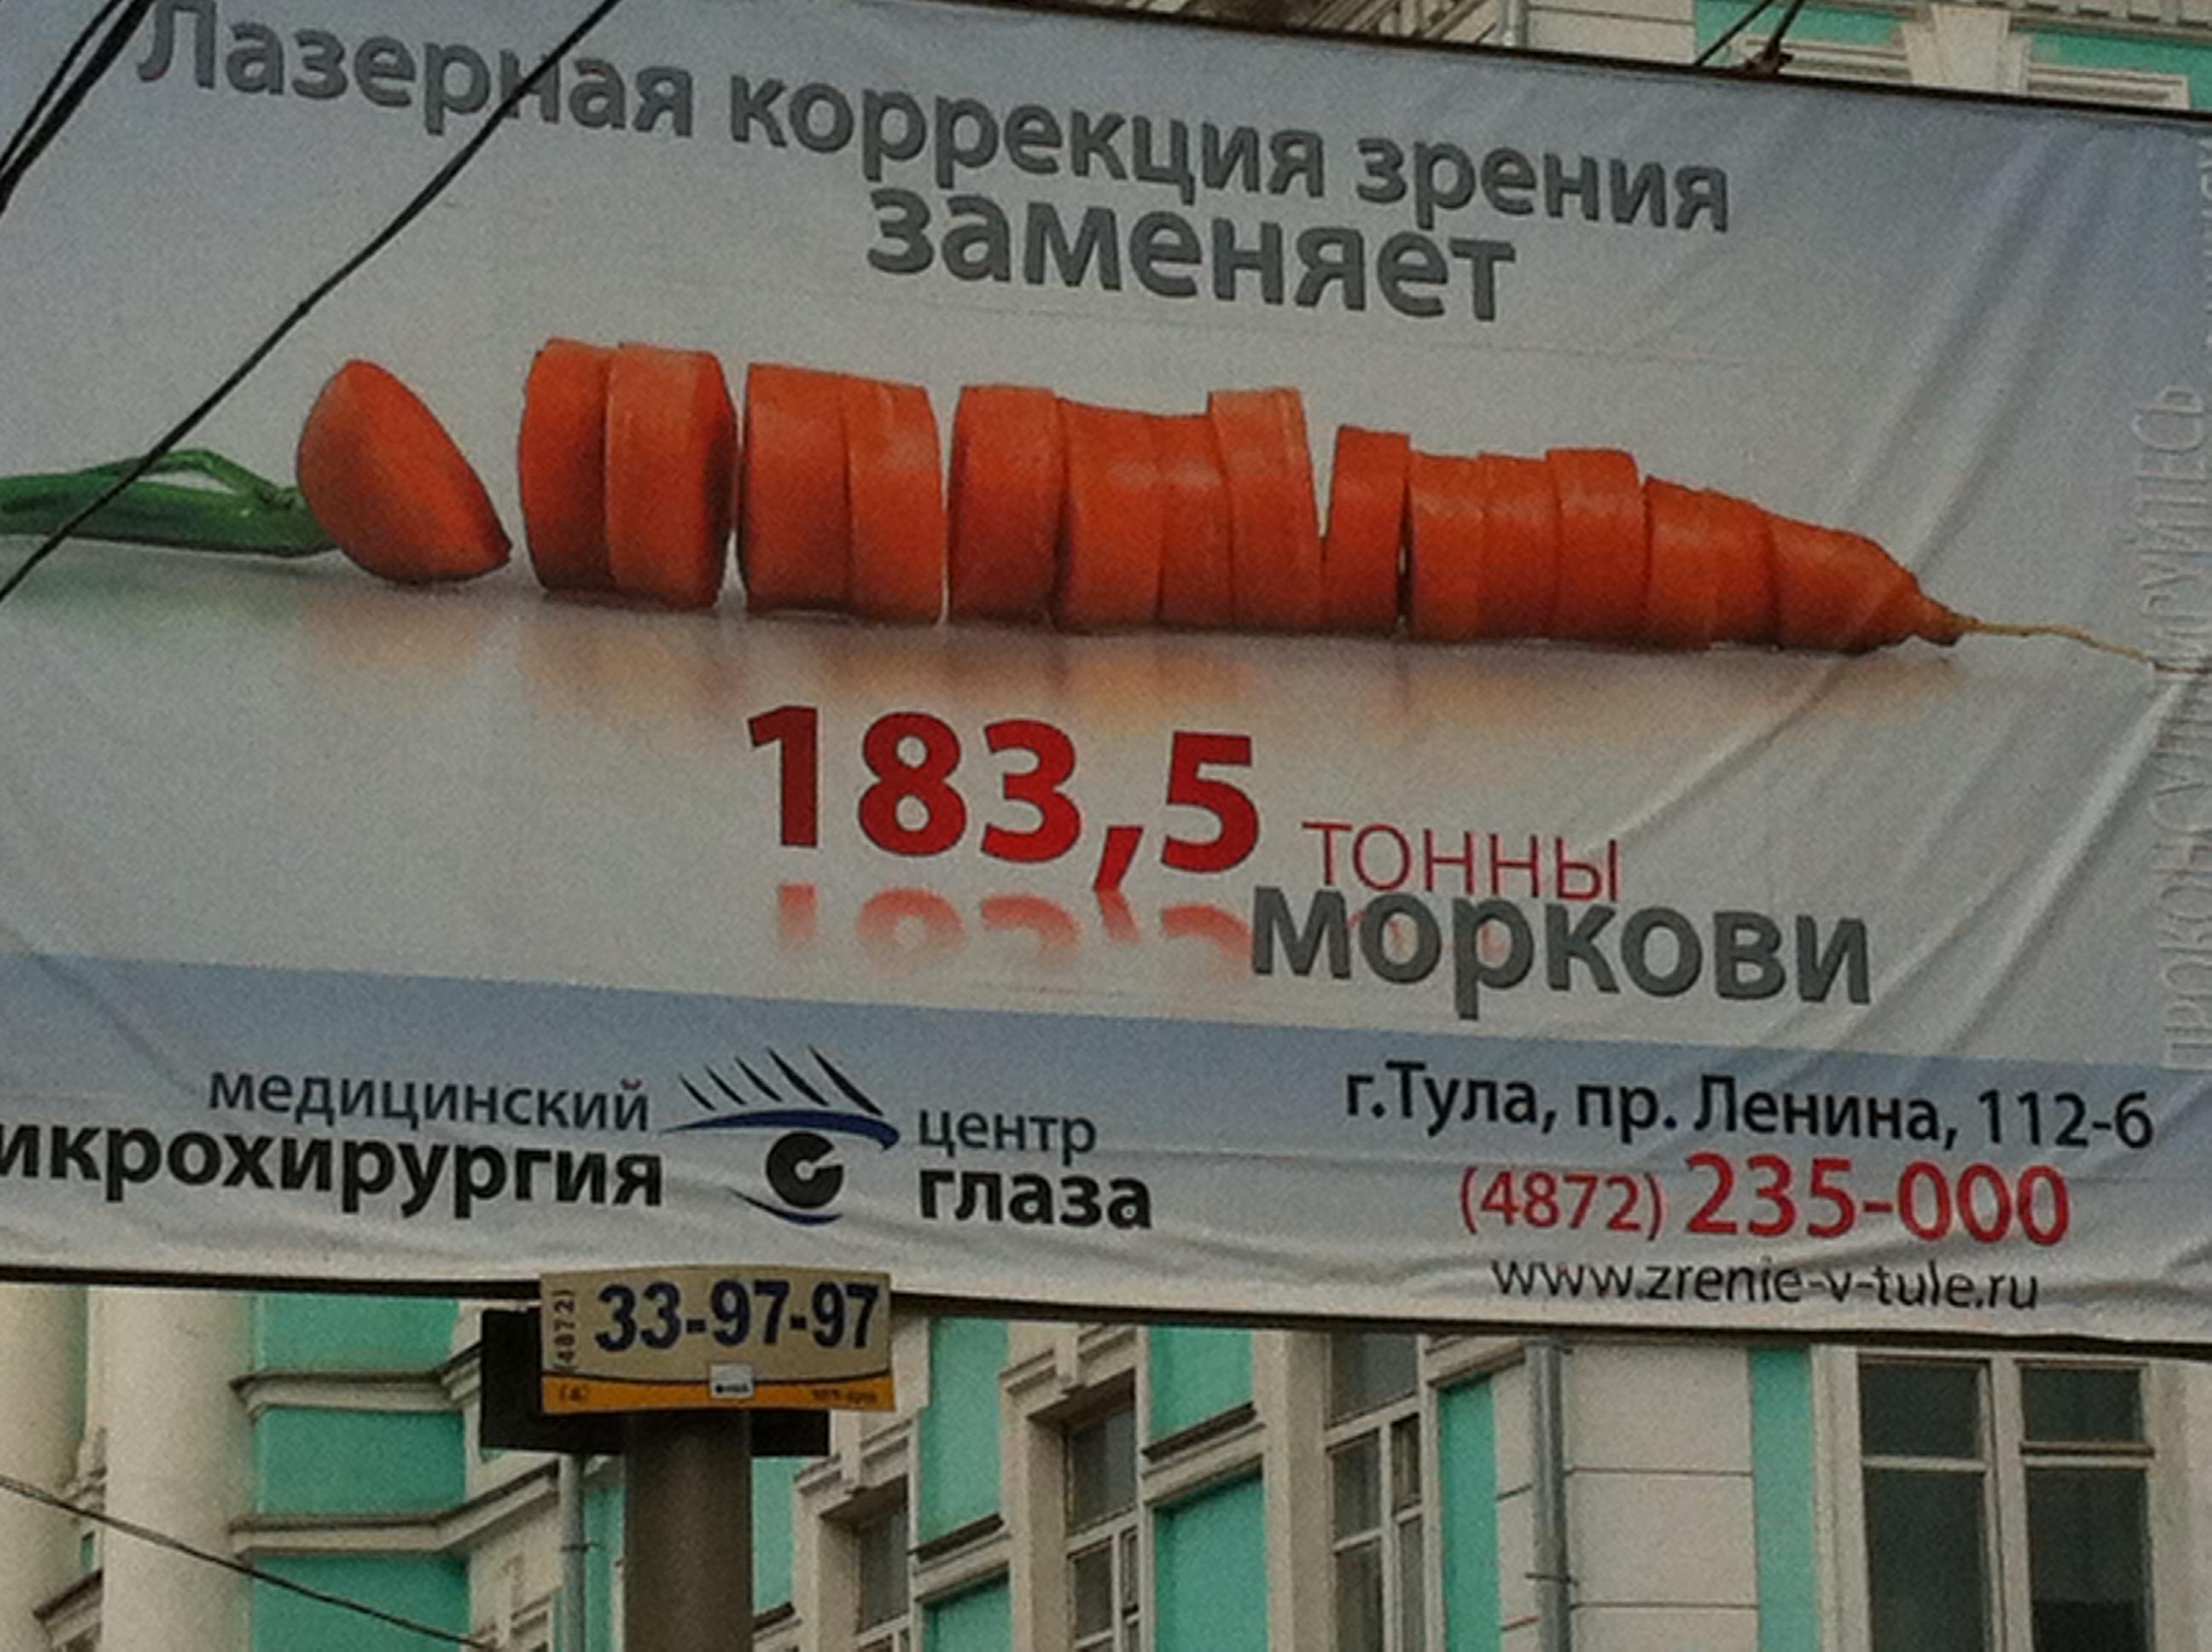 Фото постер реклама европейской одежды одно